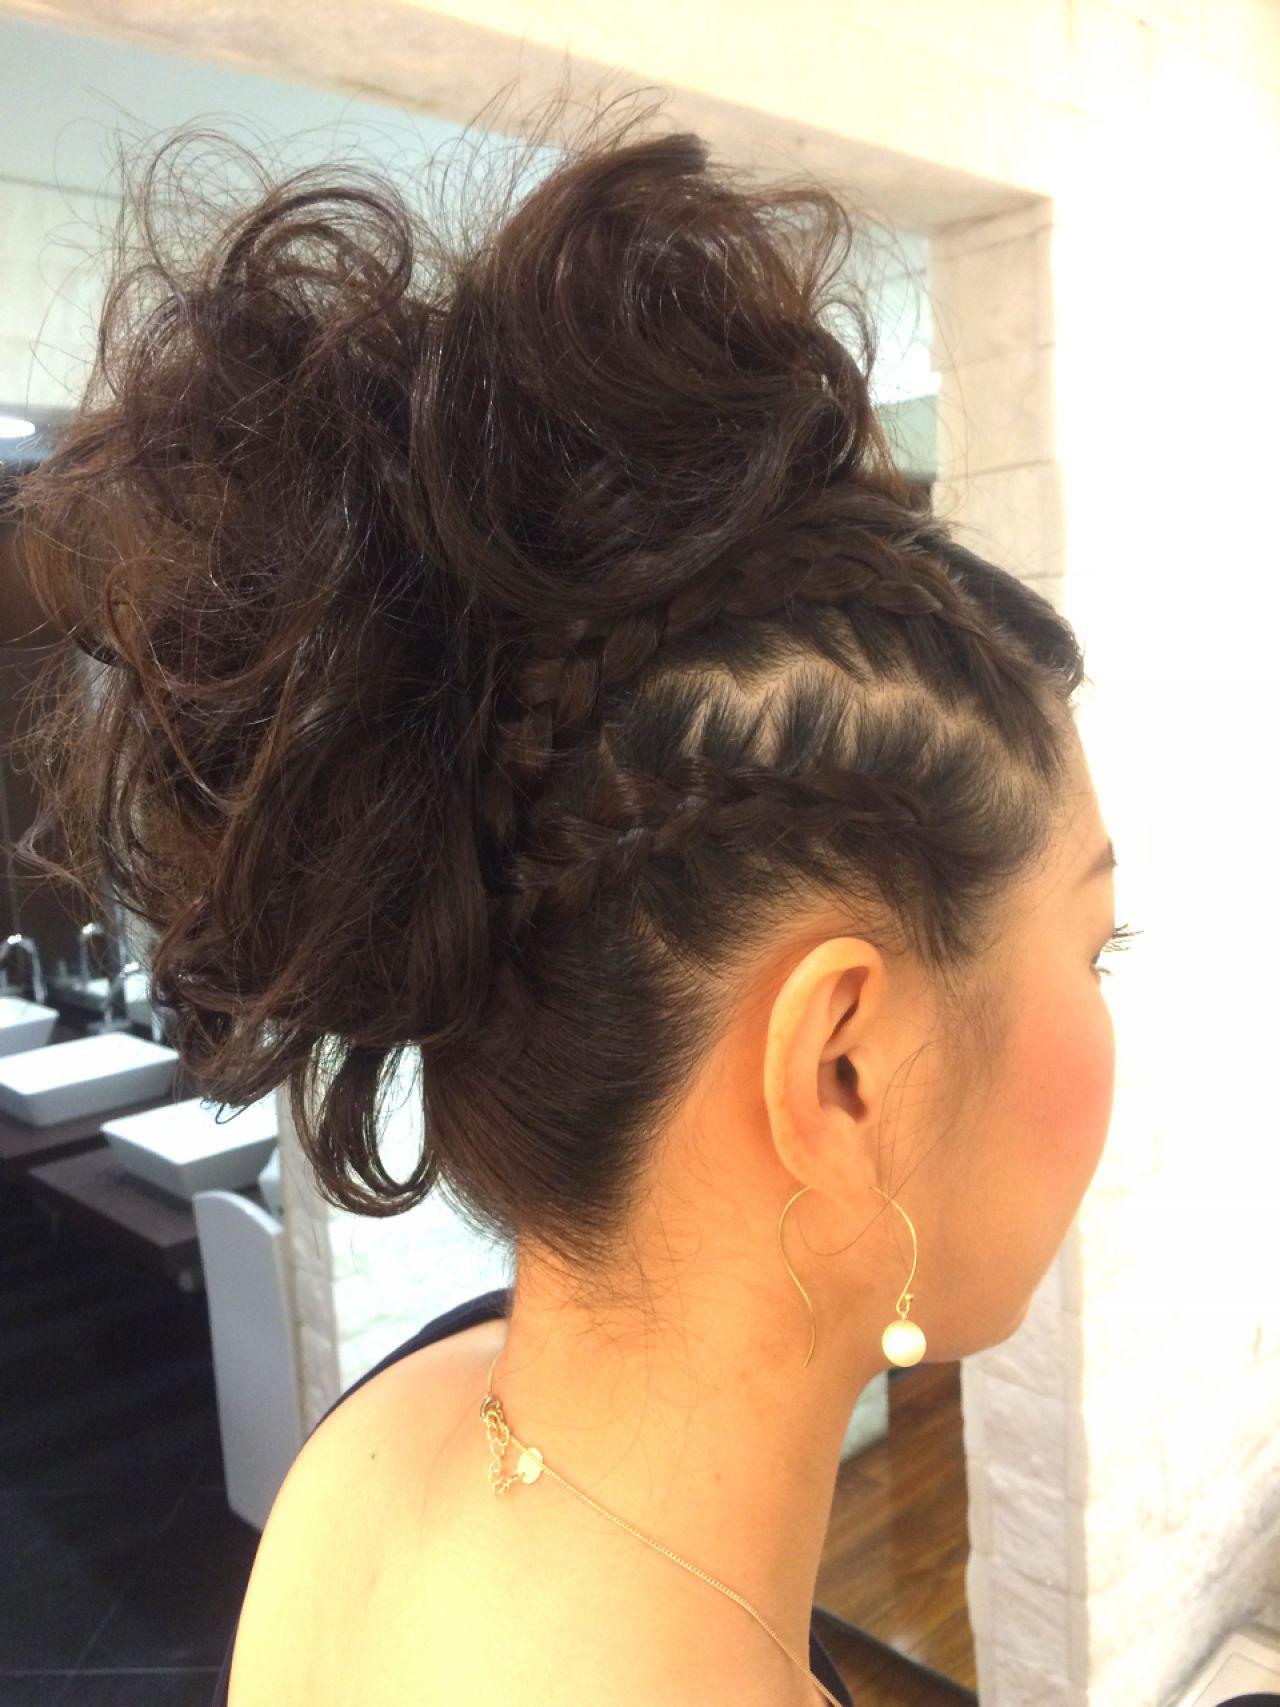 コンサバ 編み込み 結婚式 ヘアアレンジ ヘアスタイルや髪型の写真・画像 | ka2yap /